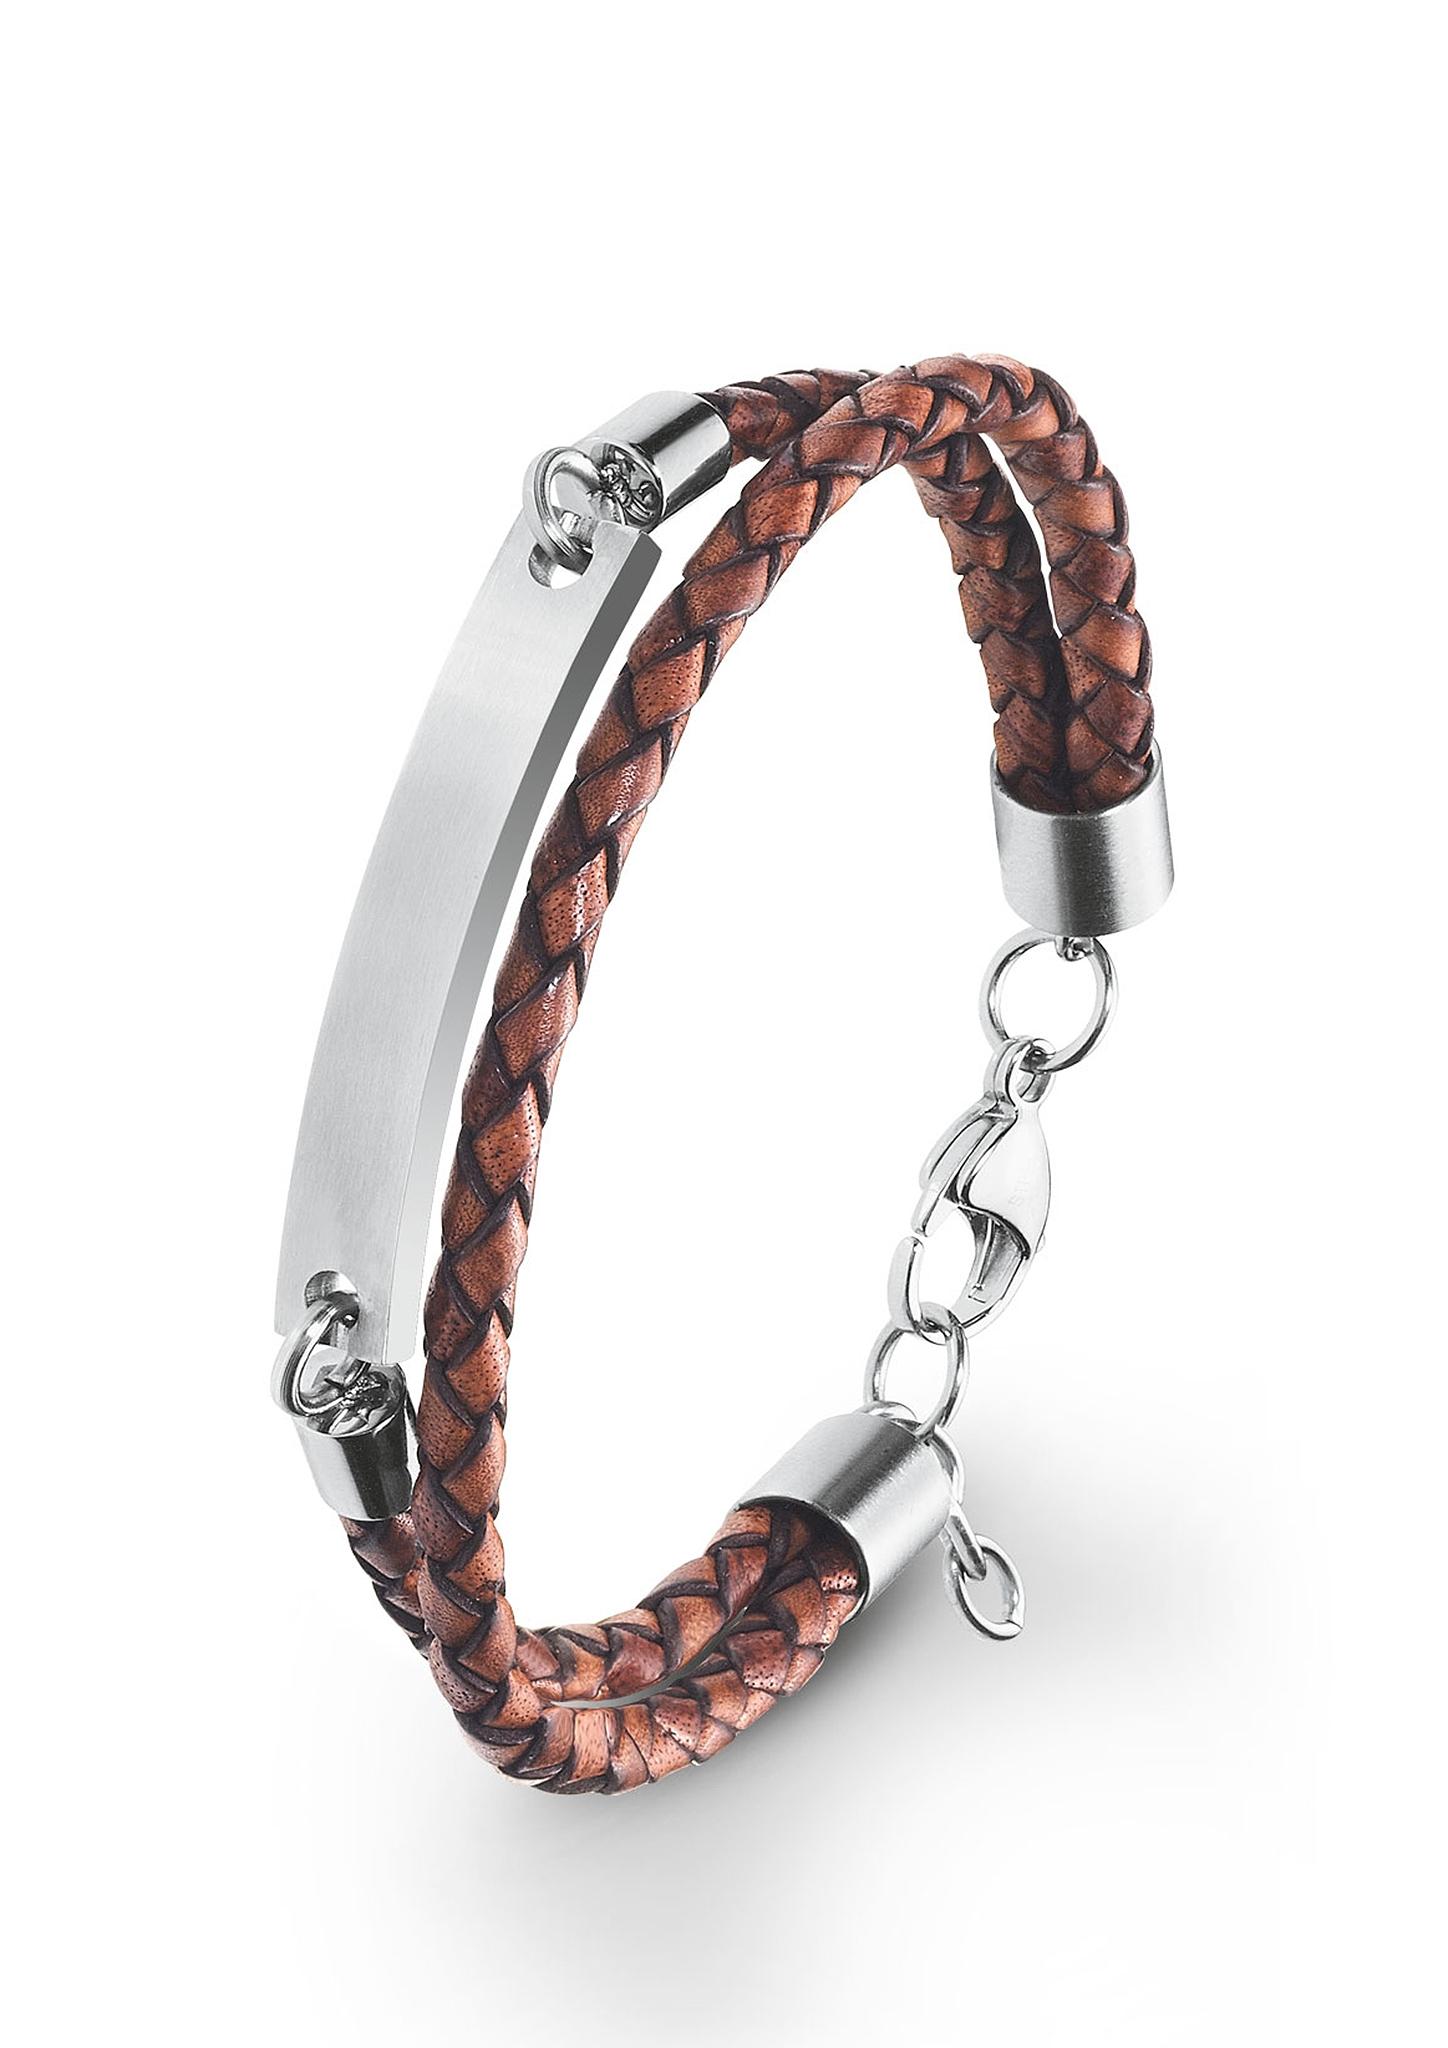 Armband | Schmuck > Armbänder > Sonstige Armbänder | s.Oliver